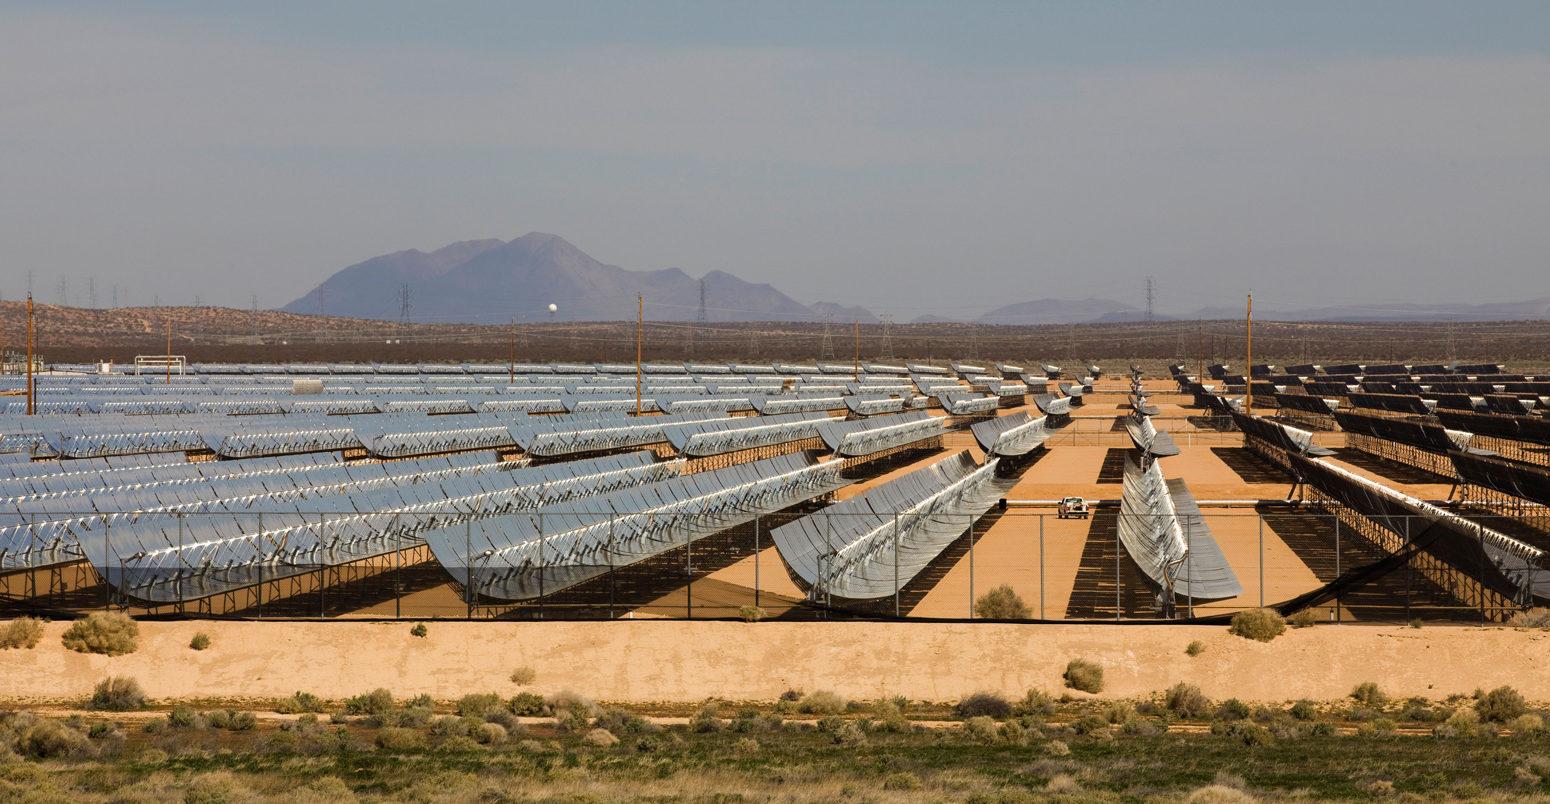 solar-troughs-in-california-C1FTBJ-1550x804